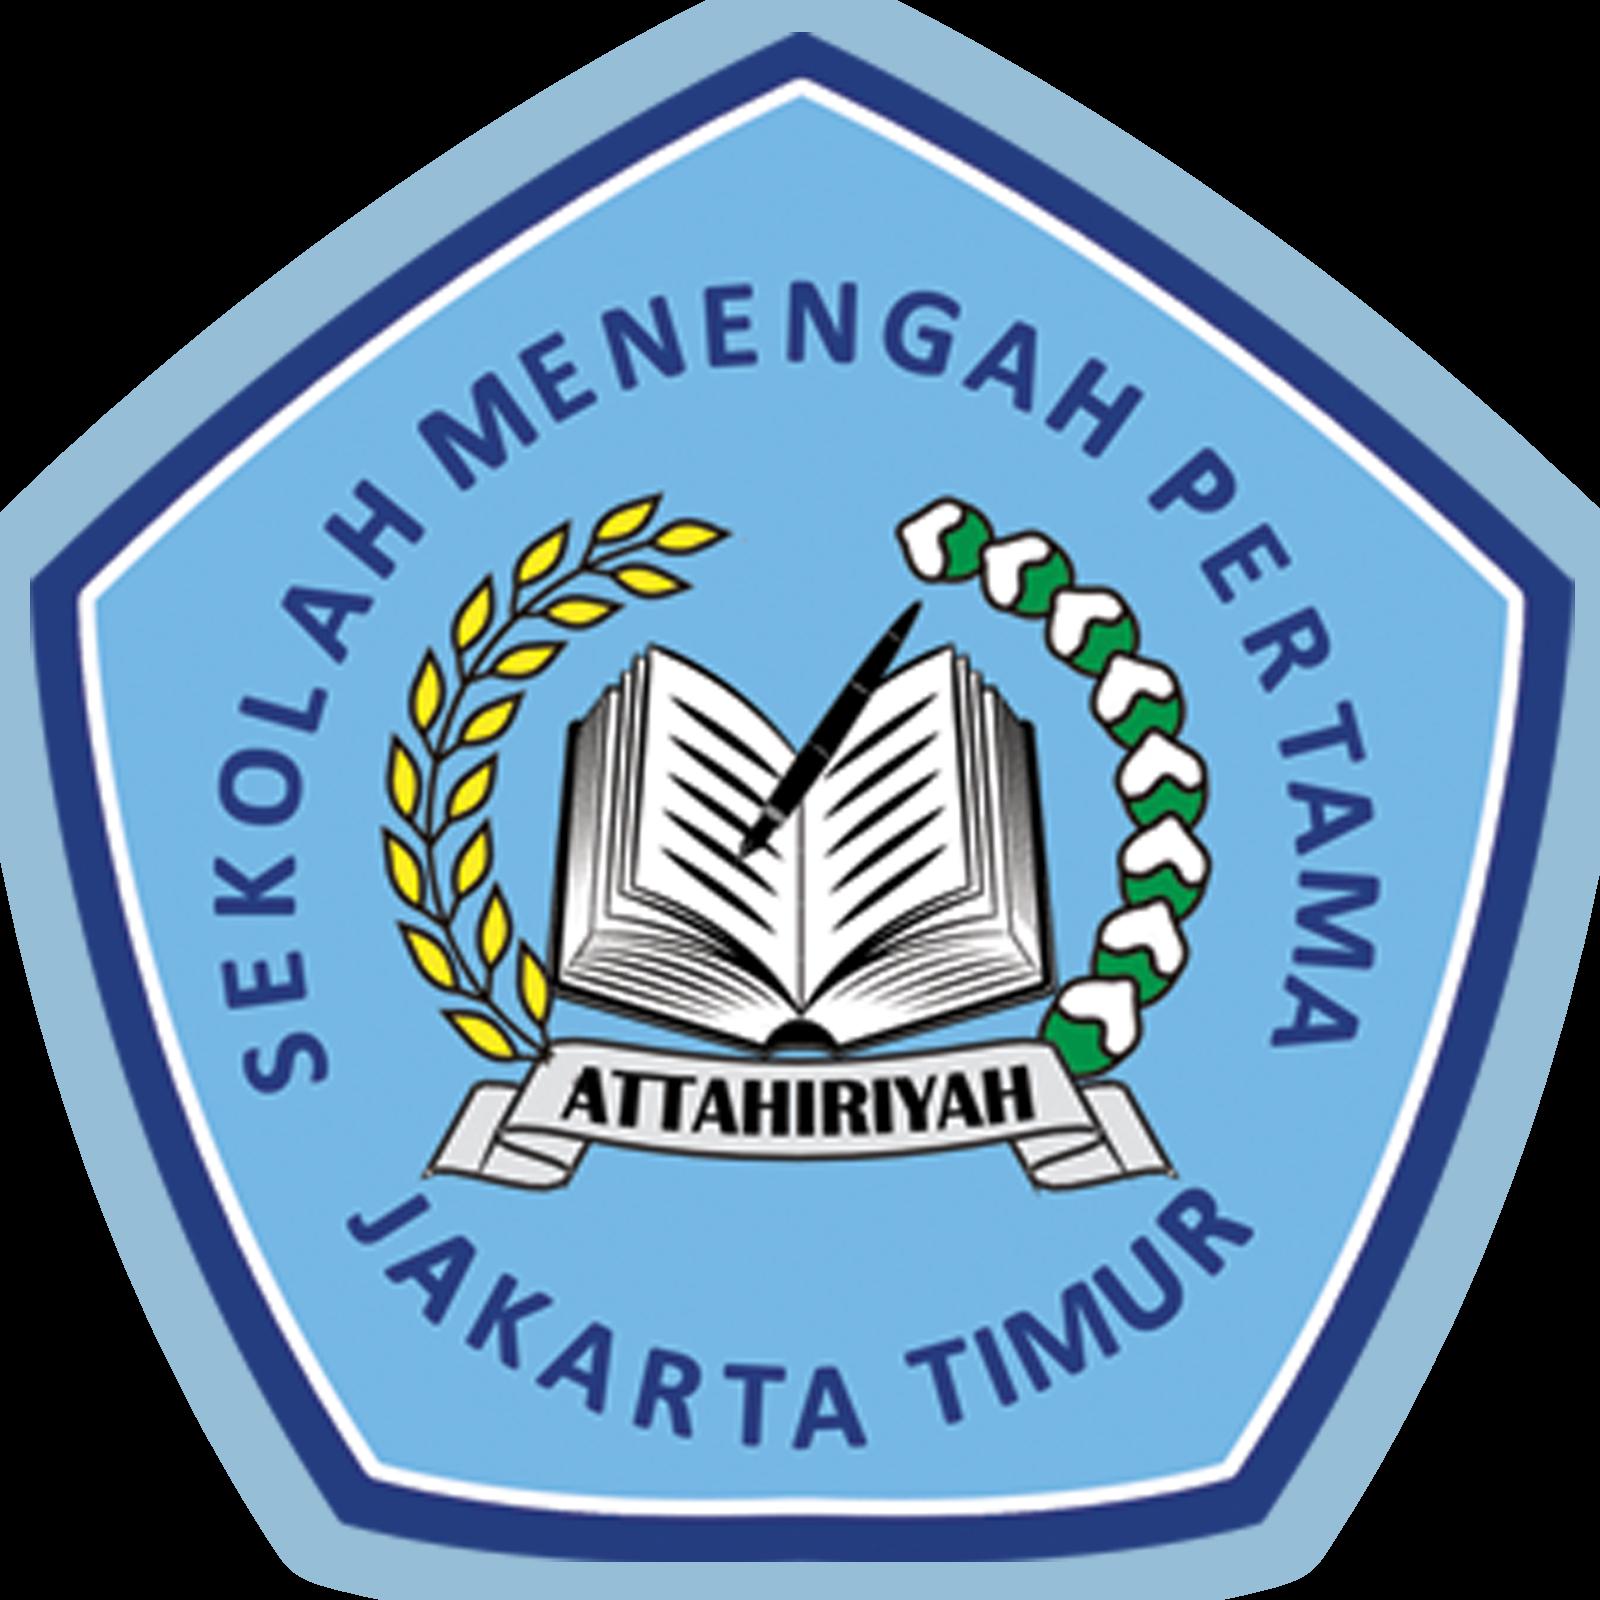 SMP Assyairiyah Attahiriyah